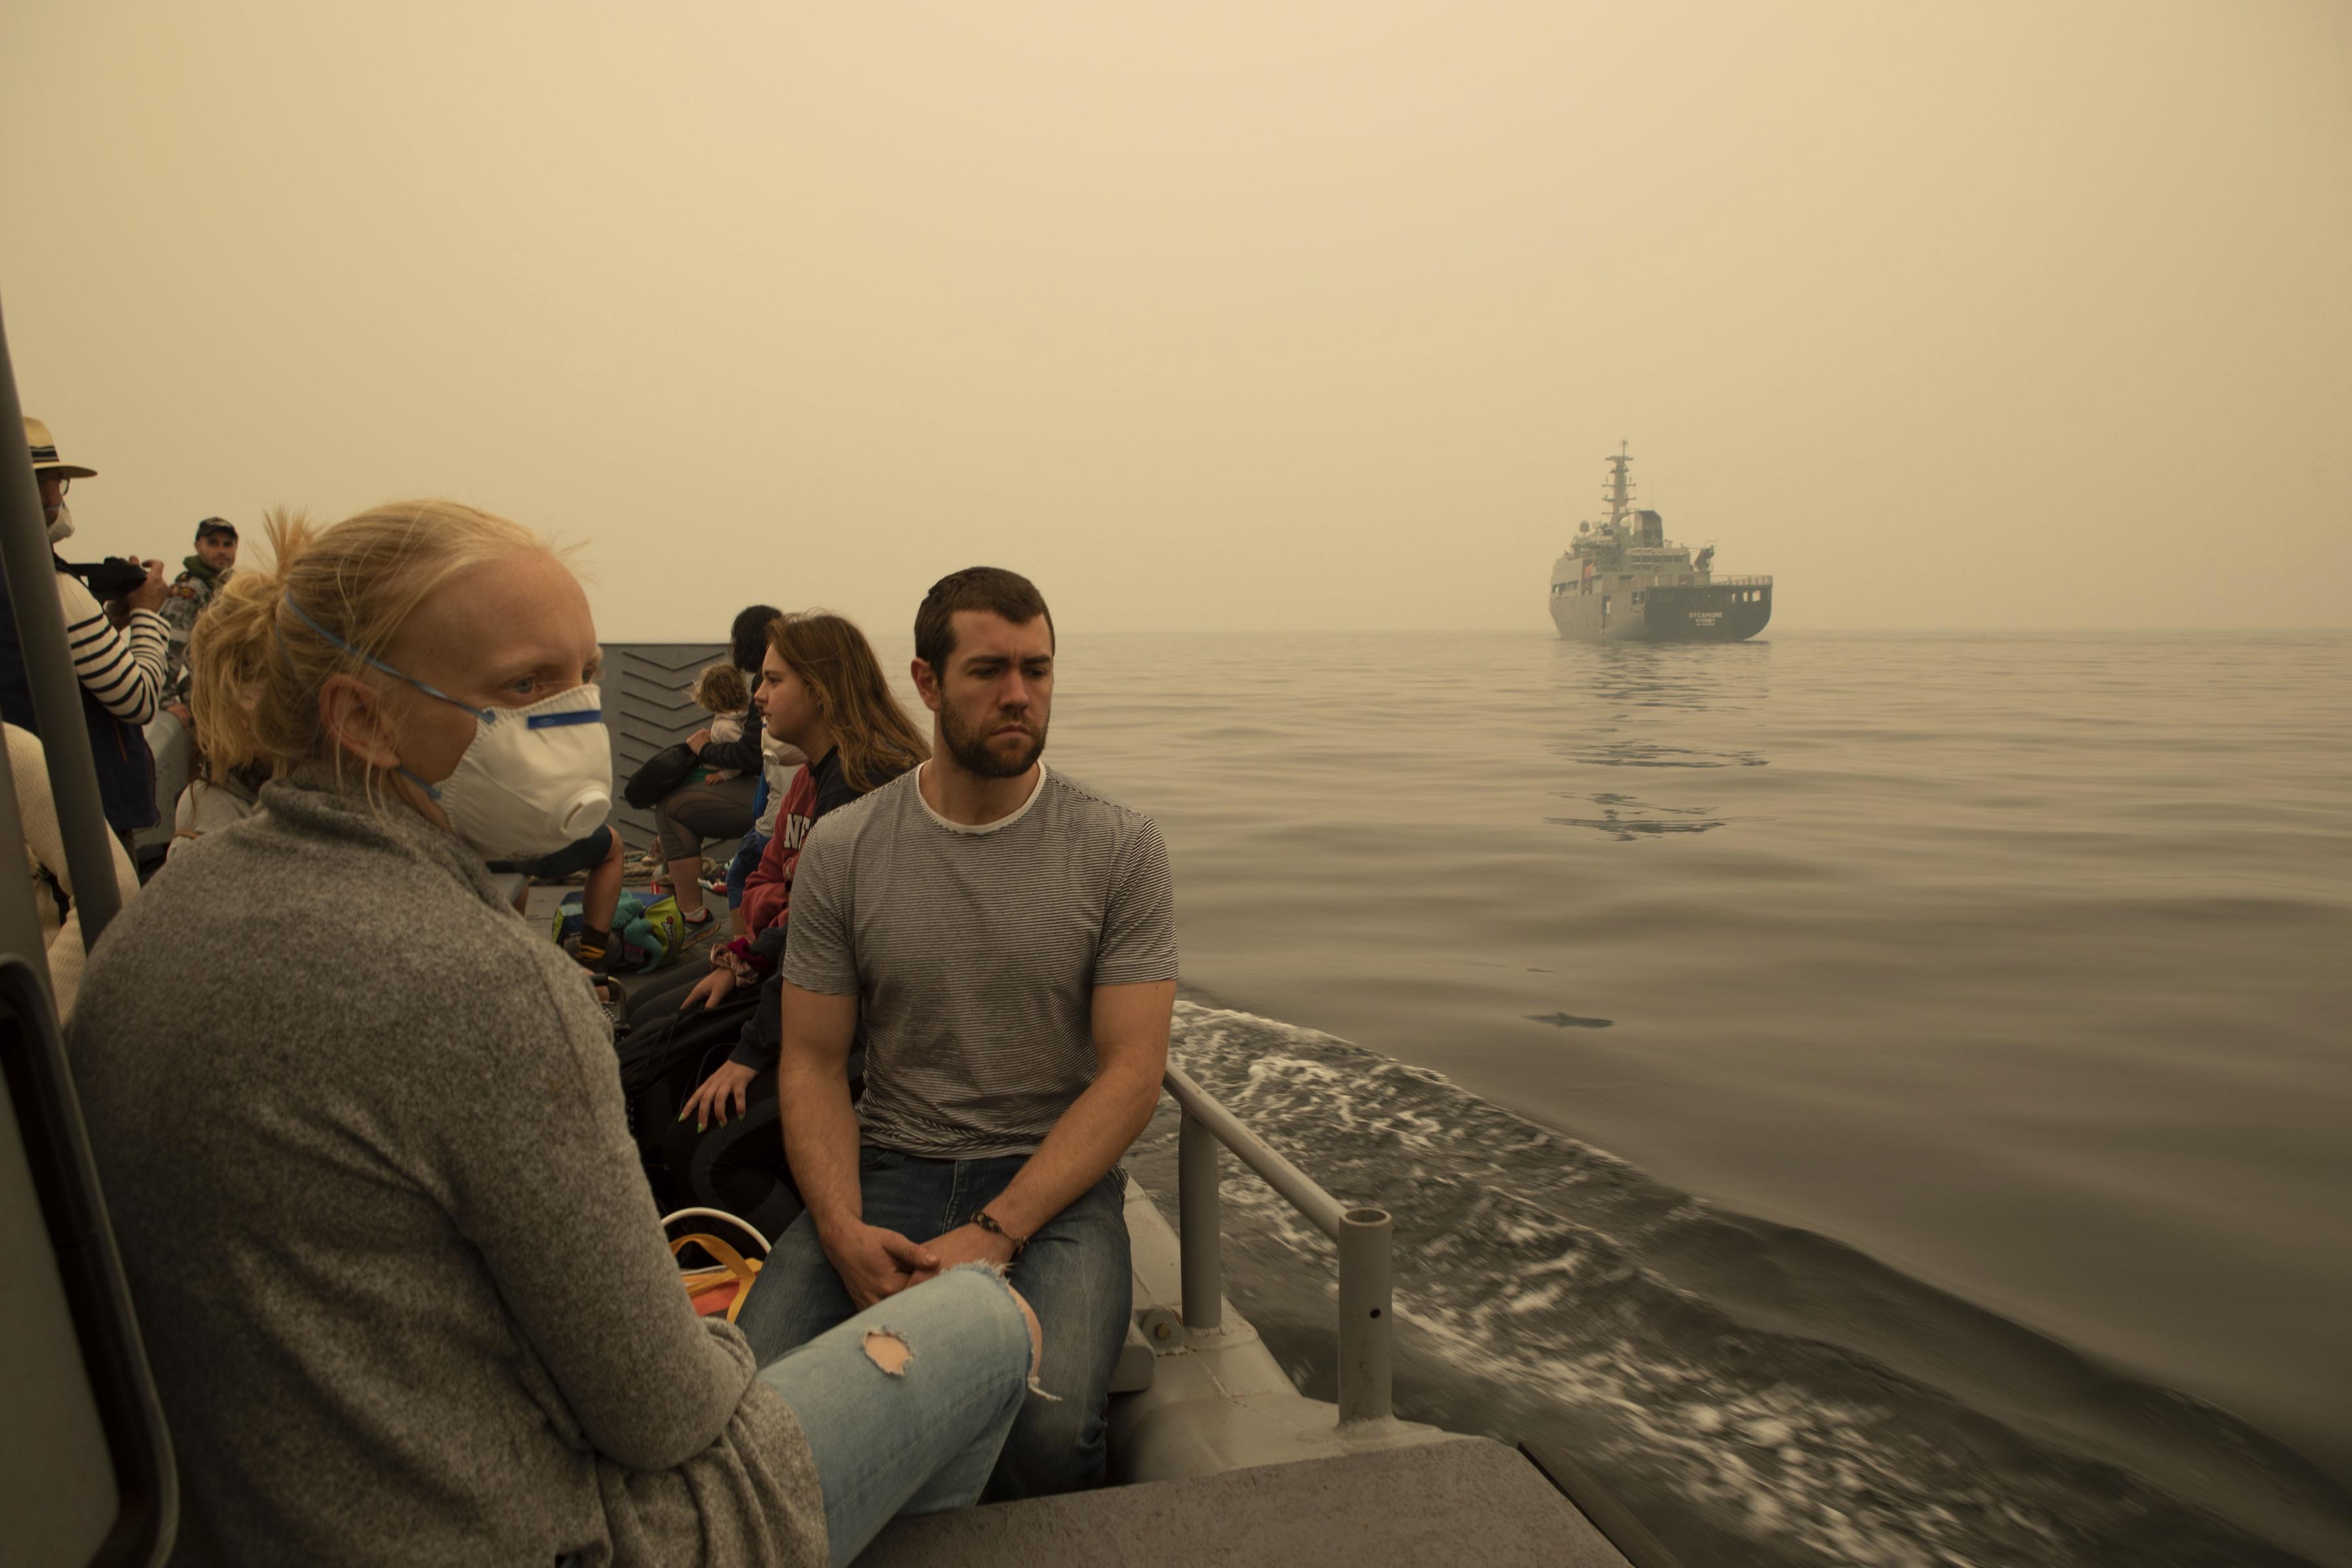 호주 해군함정으로 산불 피해지역 주민들이인근해상을 통해 대피하고 있다. EPA/연합 제공